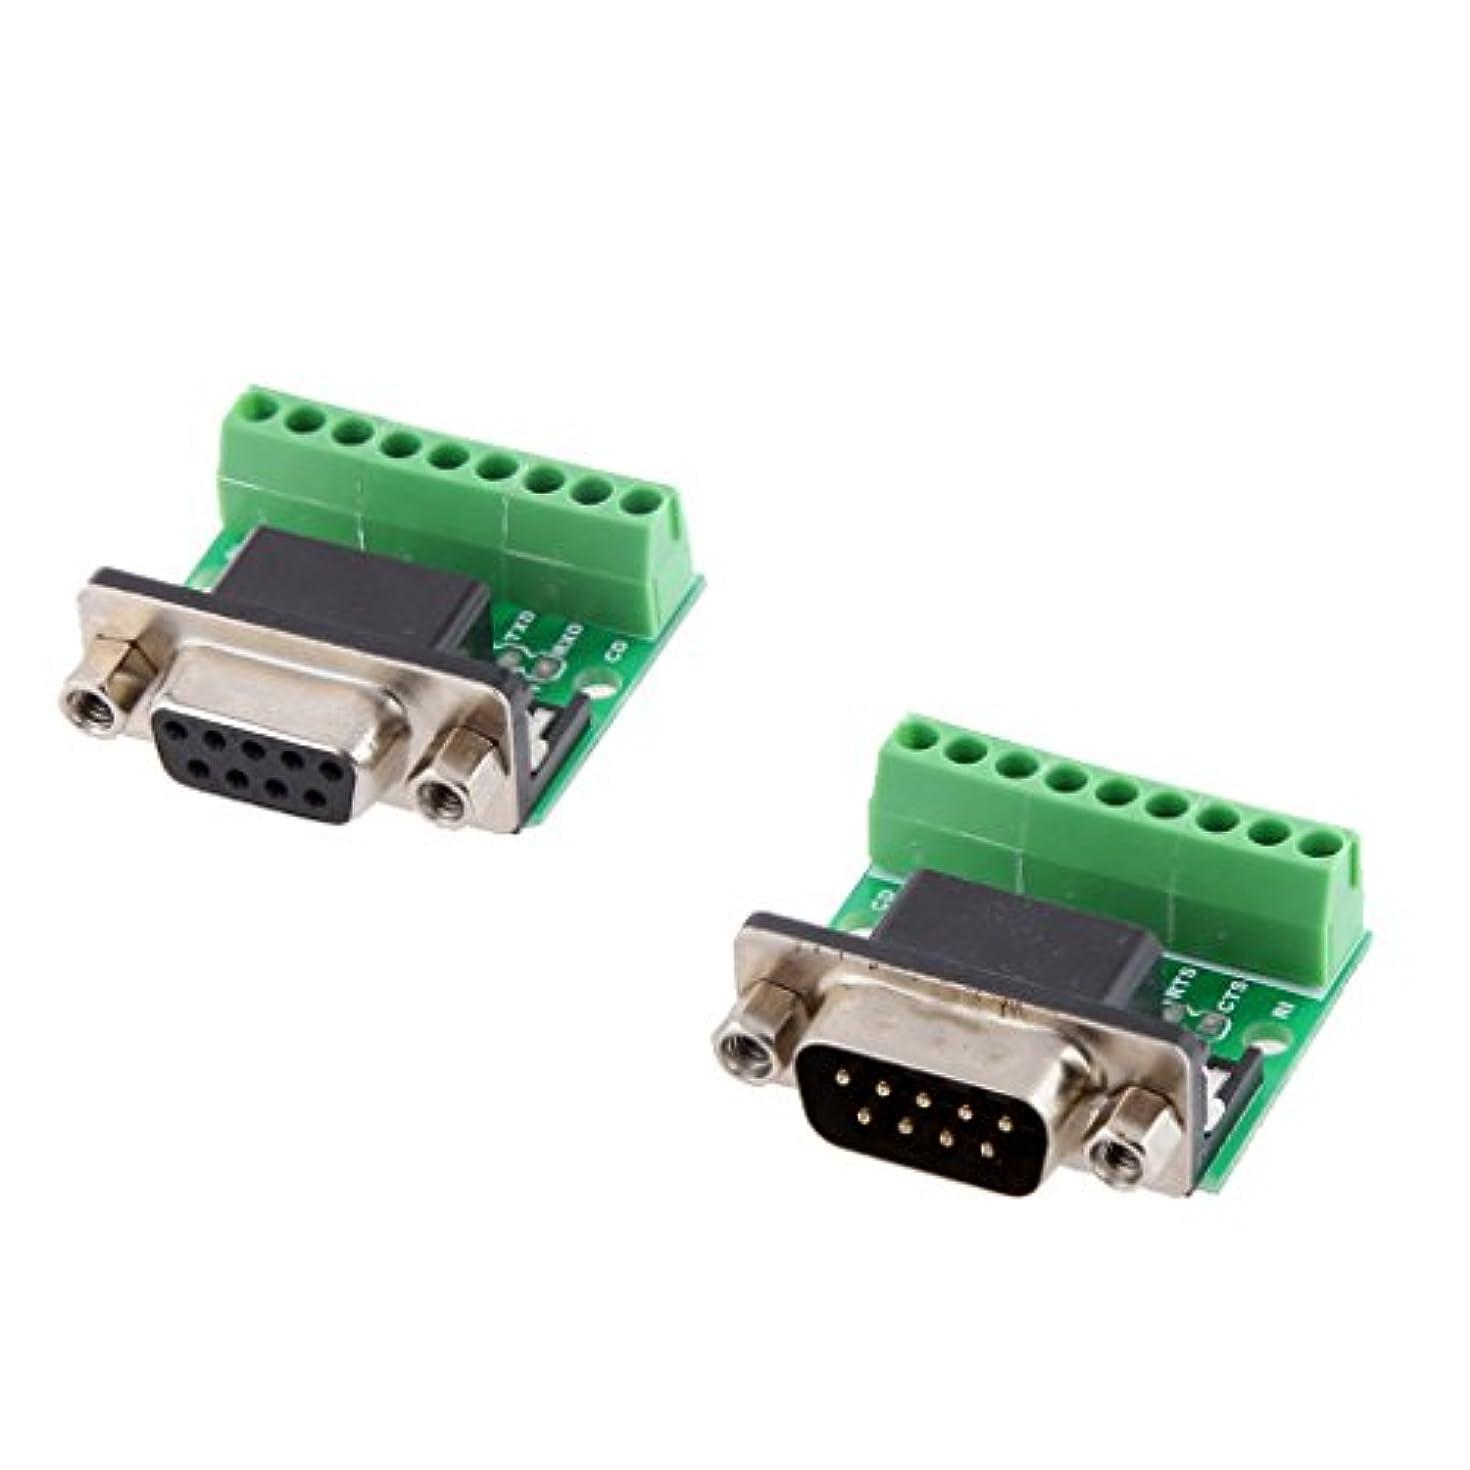 東部接辞変換するShiwaki 2個 DB9 圧着端子 メス/オス 9ピン RS232 RS485 コネクタ アダプター